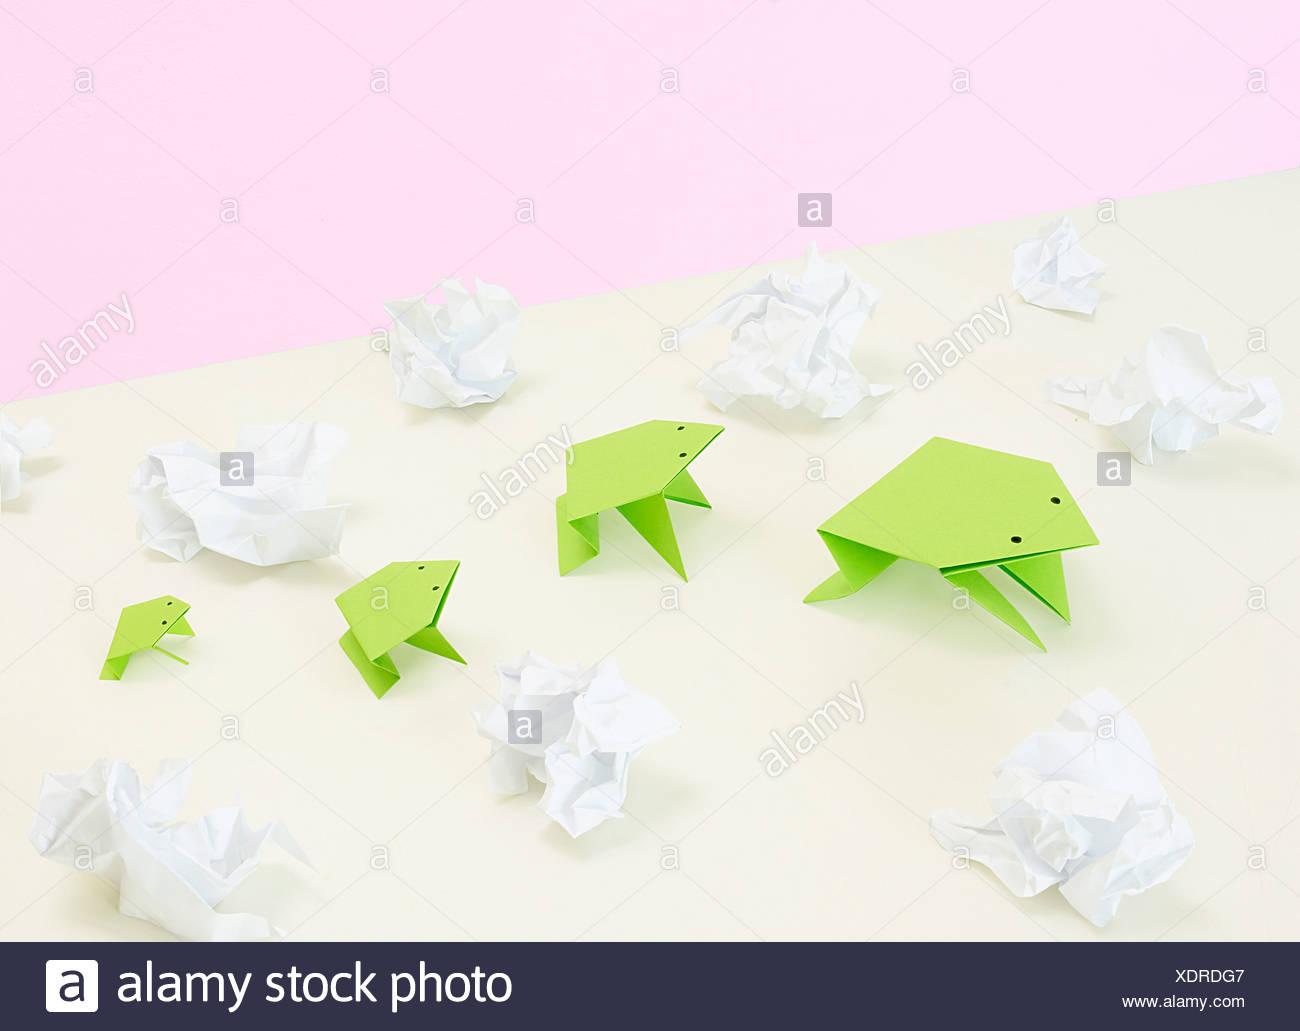 Origami-Frösche inmitten zerquetscht Papier Stockbild